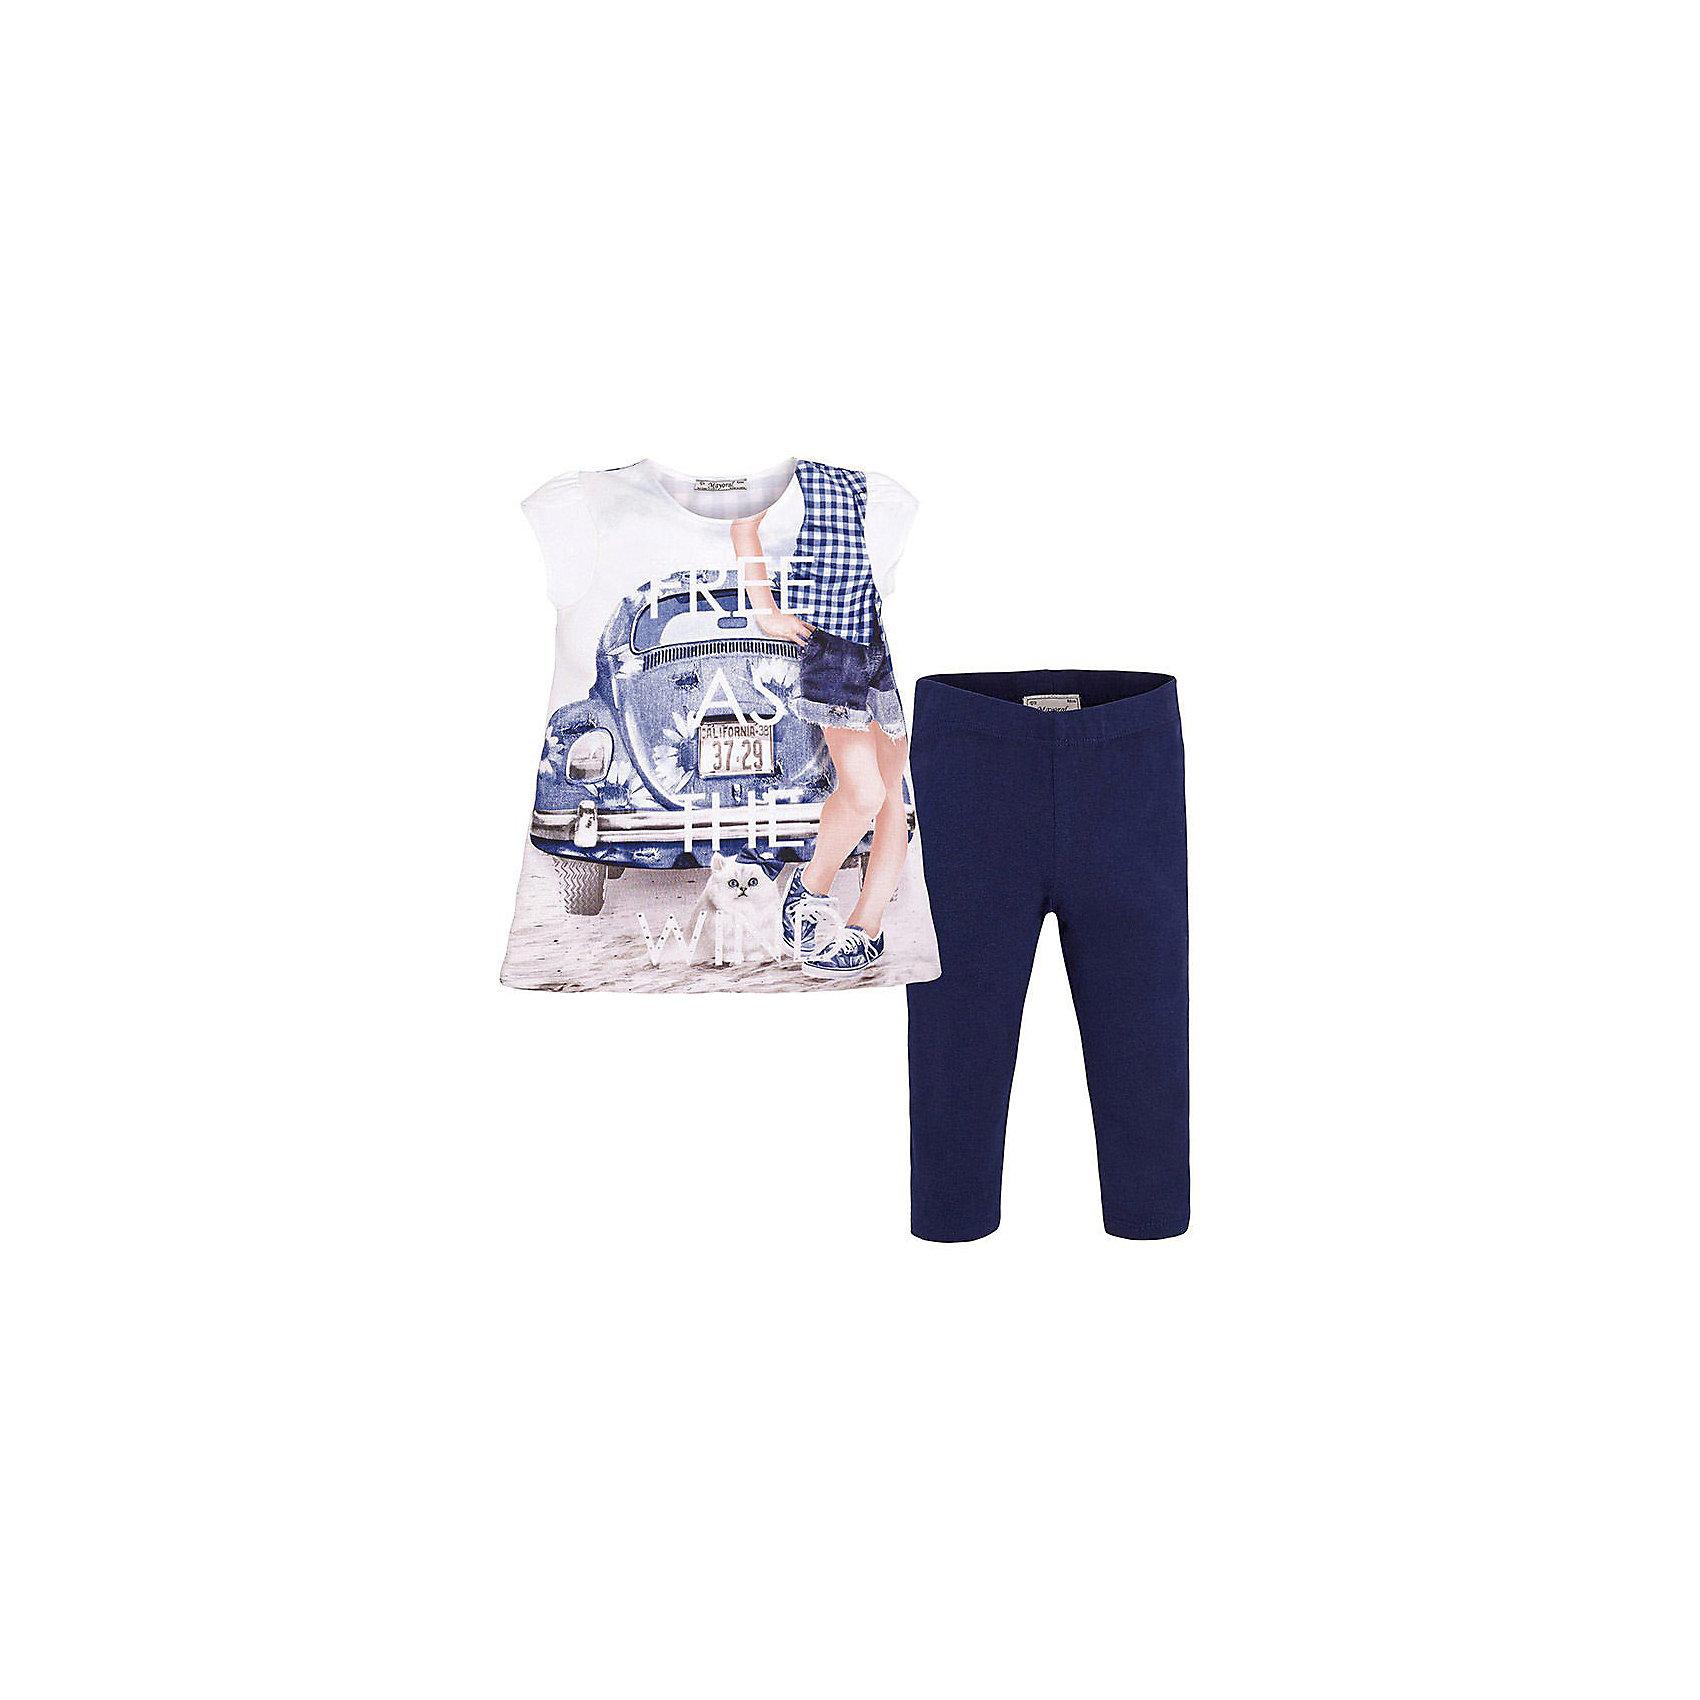 Комплект для девочки: леггинсы и футболка MayoralКомплекты<br>Комплект: леггинсы и футболка  для девочки от известной испанской марки Mayoral <br><br>Очень красивый комплект от Mayoral - отличный вариант летней одежды для девочек! Выглядит нарядно и оригинально. Модель выполнена из качественных материалов, отлично сидит по фигуре.<br><br>Особенности модели:<br><br>- цвет: синий;<br>- леггинсы -  однотонные, пояс на резинке;<br>- футболка украшена принтом.<br><br>Дополнительная информация:<br><br>Состав: 92% хлопок, 8% эластан<br><br>Комплект: леггинсы и футболка для девочки Mayoral (Майорал) можно купить в нашем магазине.<br><br>Ширина мм: 123<br>Глубина мм: 10<br>Высота мм: 149<br>Вес г: 209<br>Цвет: синий<br>Возраст от месяцев: 60<br>Возраст до месяцев: 72<br>Пол: Женский<br>Возраст: Детский<br>Размер: 116,92,134,128,122,110,104,98<br>SKU: 4542885